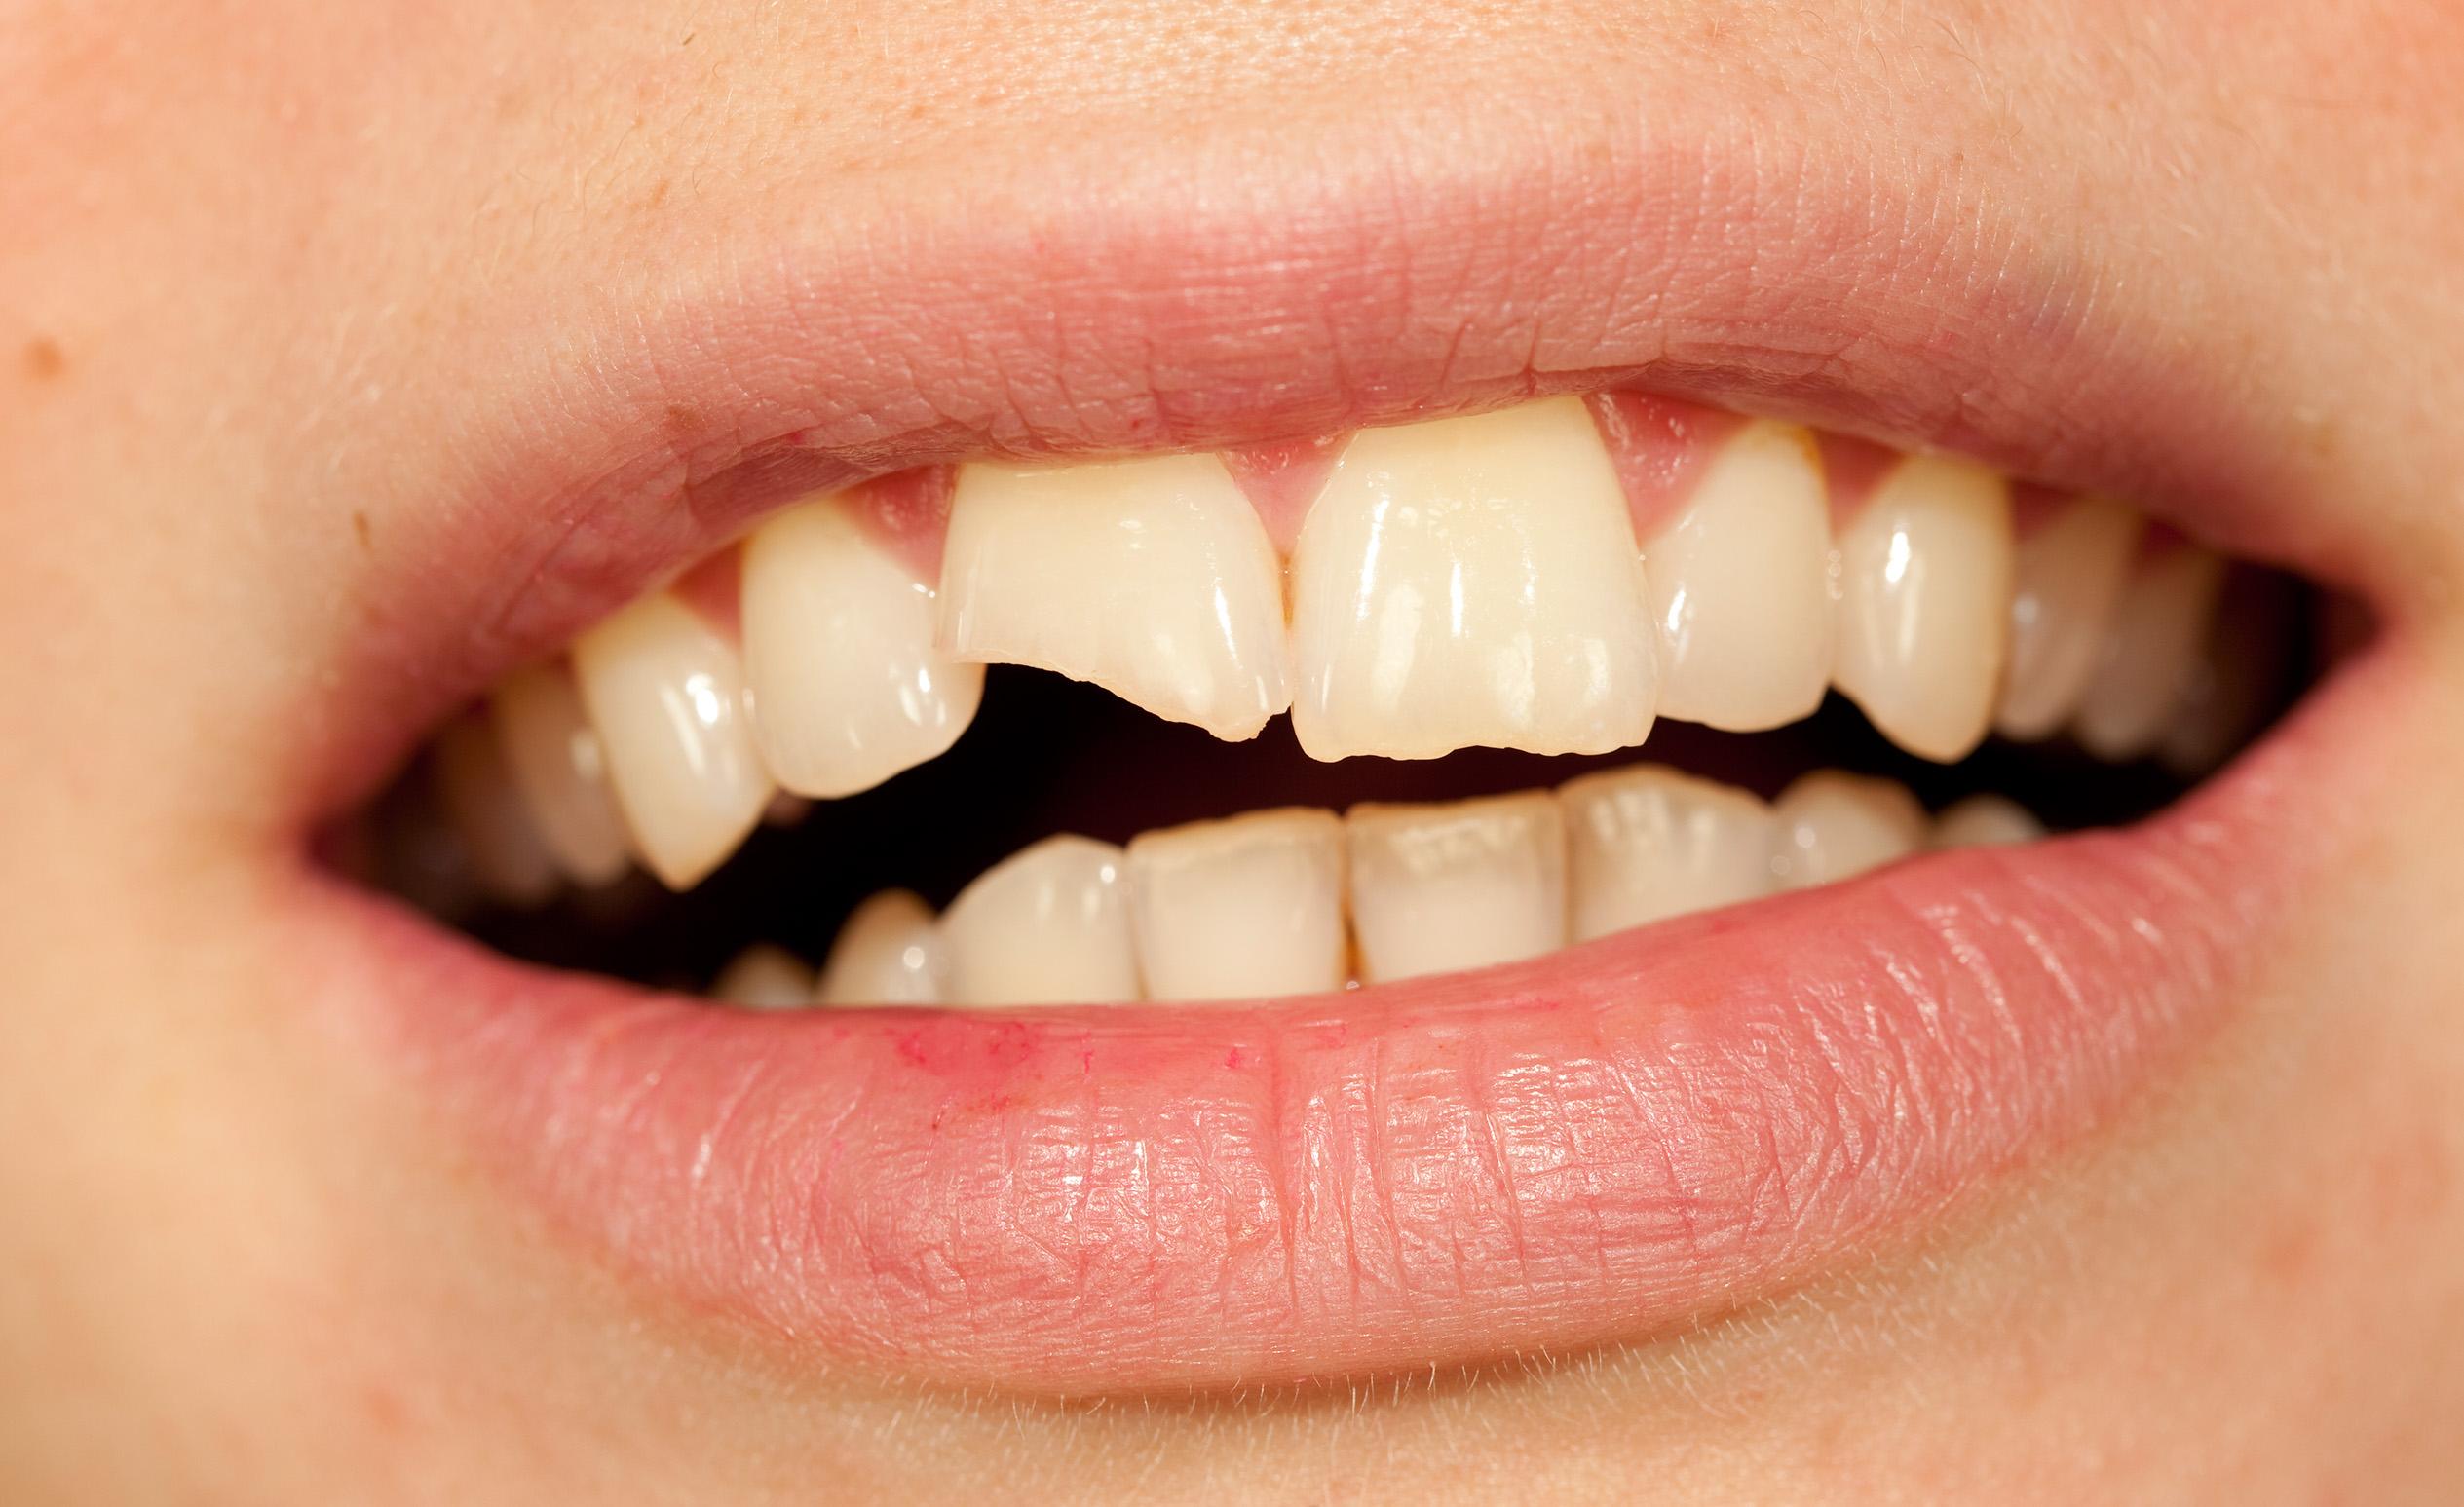 Frauenlächeln vor und nach der Zahnaufhellung.